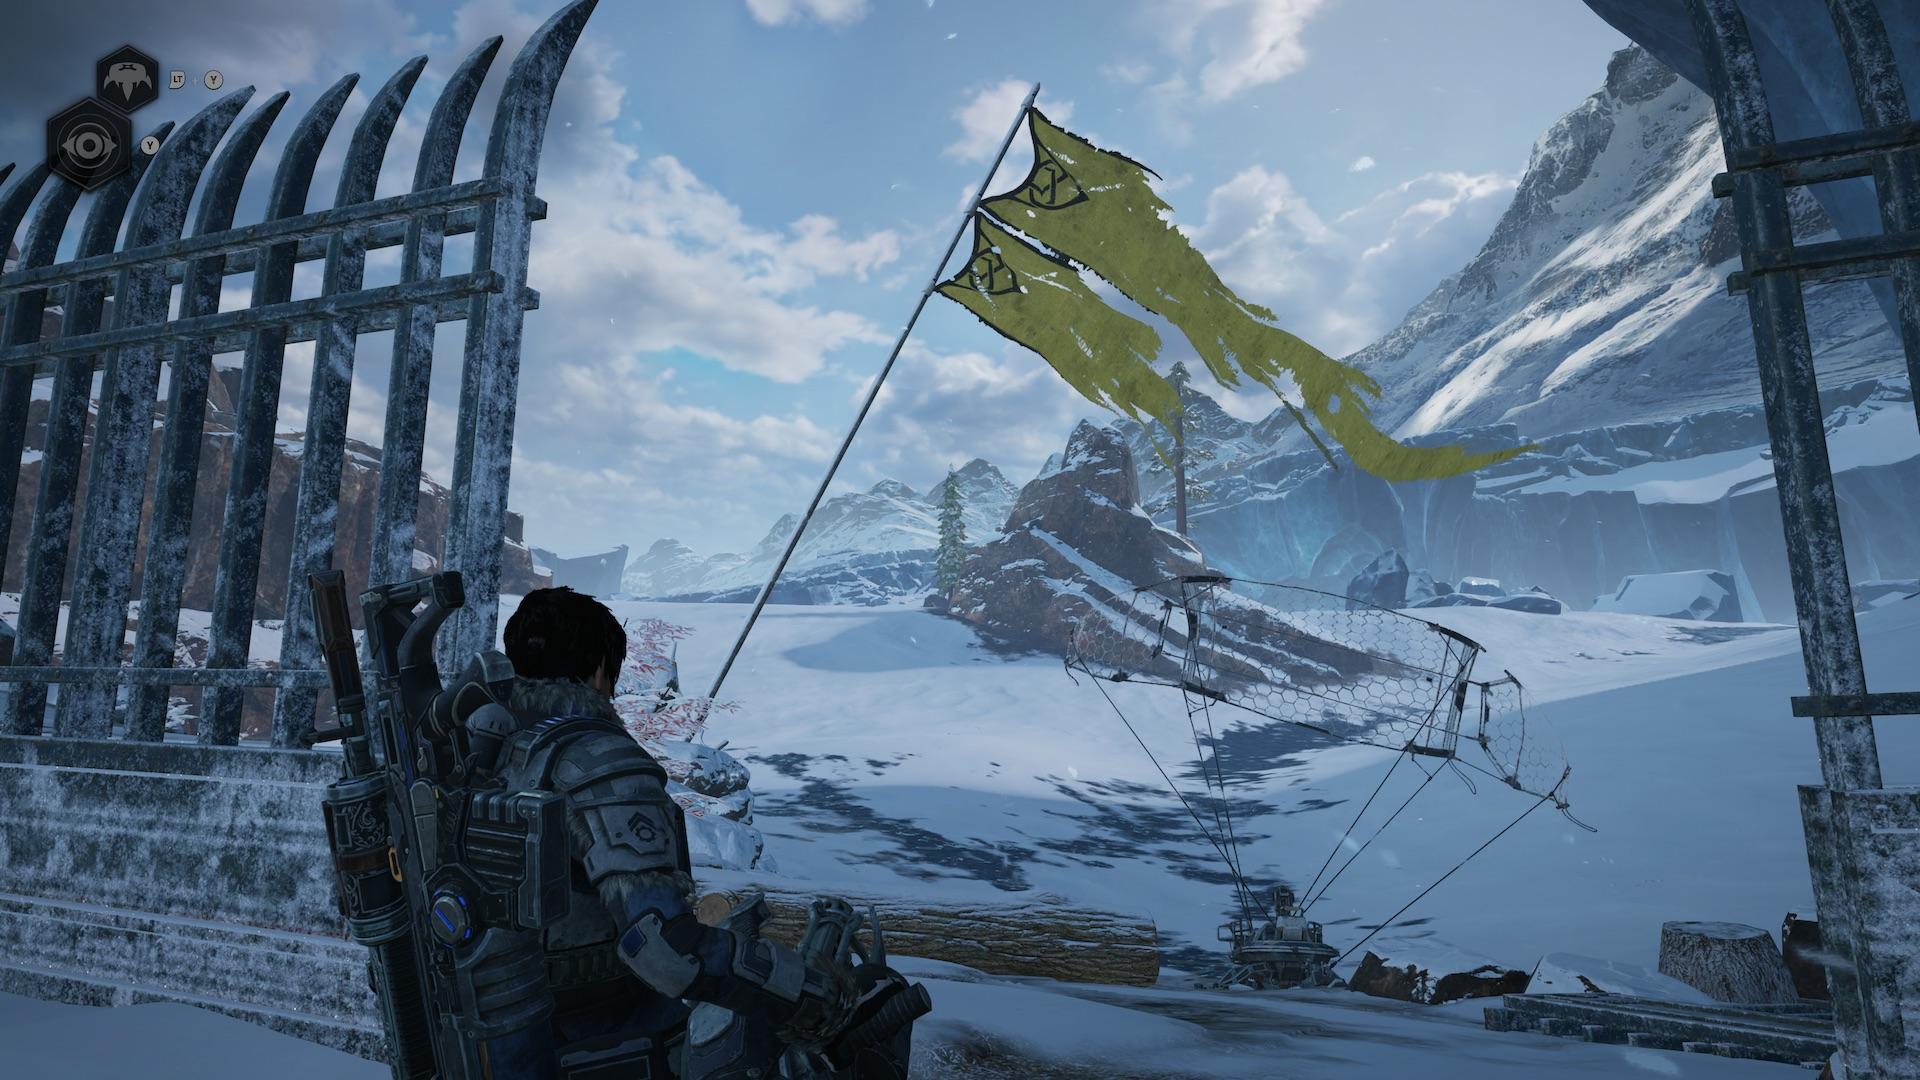 Наконец, чрезвычайно выдающаяся игра под флагом Microsoft. Gears 5 прекрасно экспериментирует с формой - обзор 1